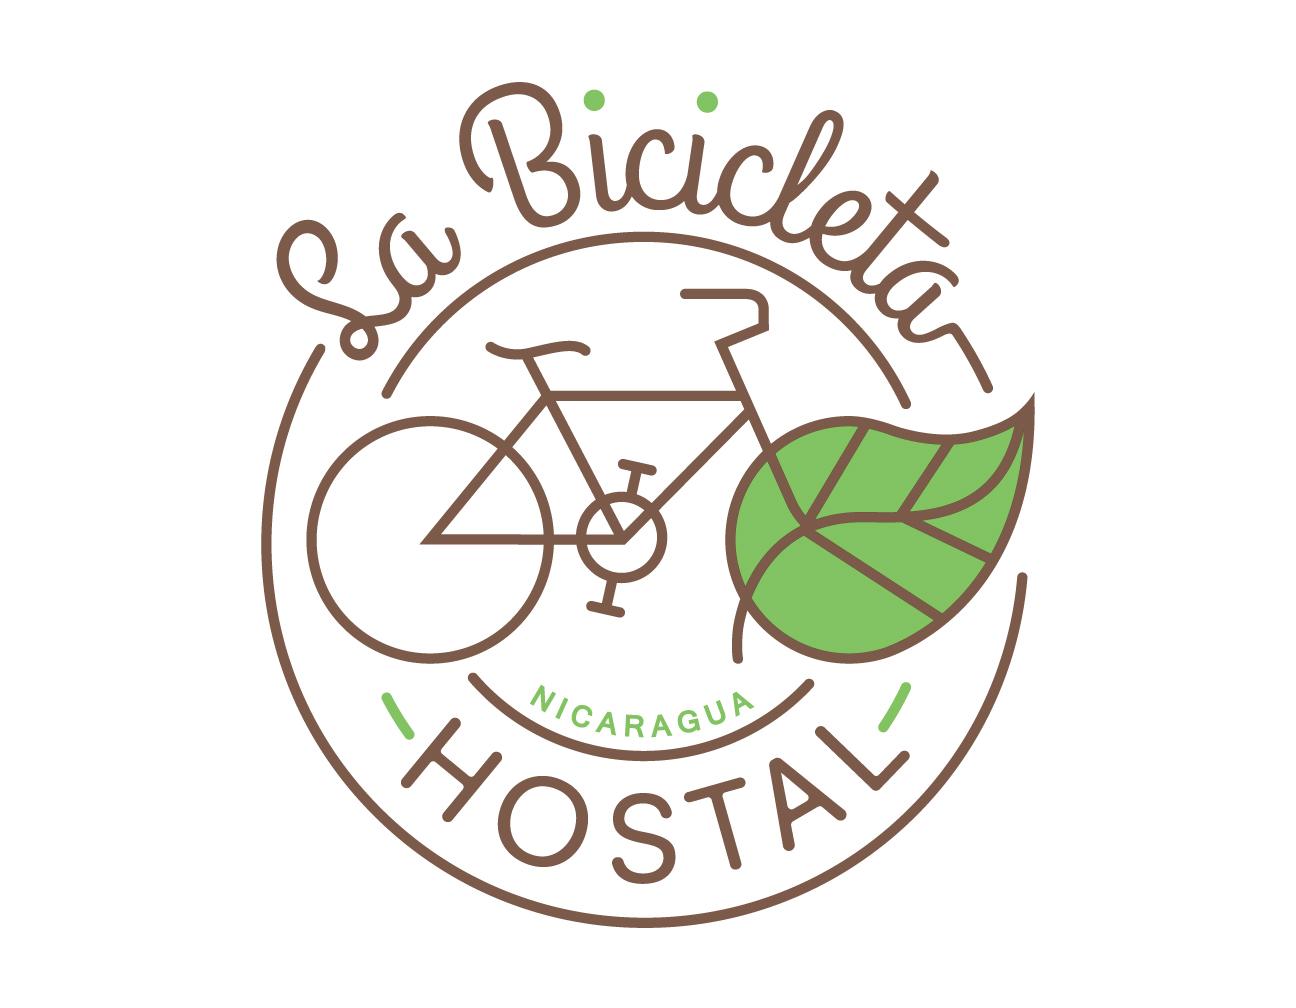 La Bicicleta Hostal